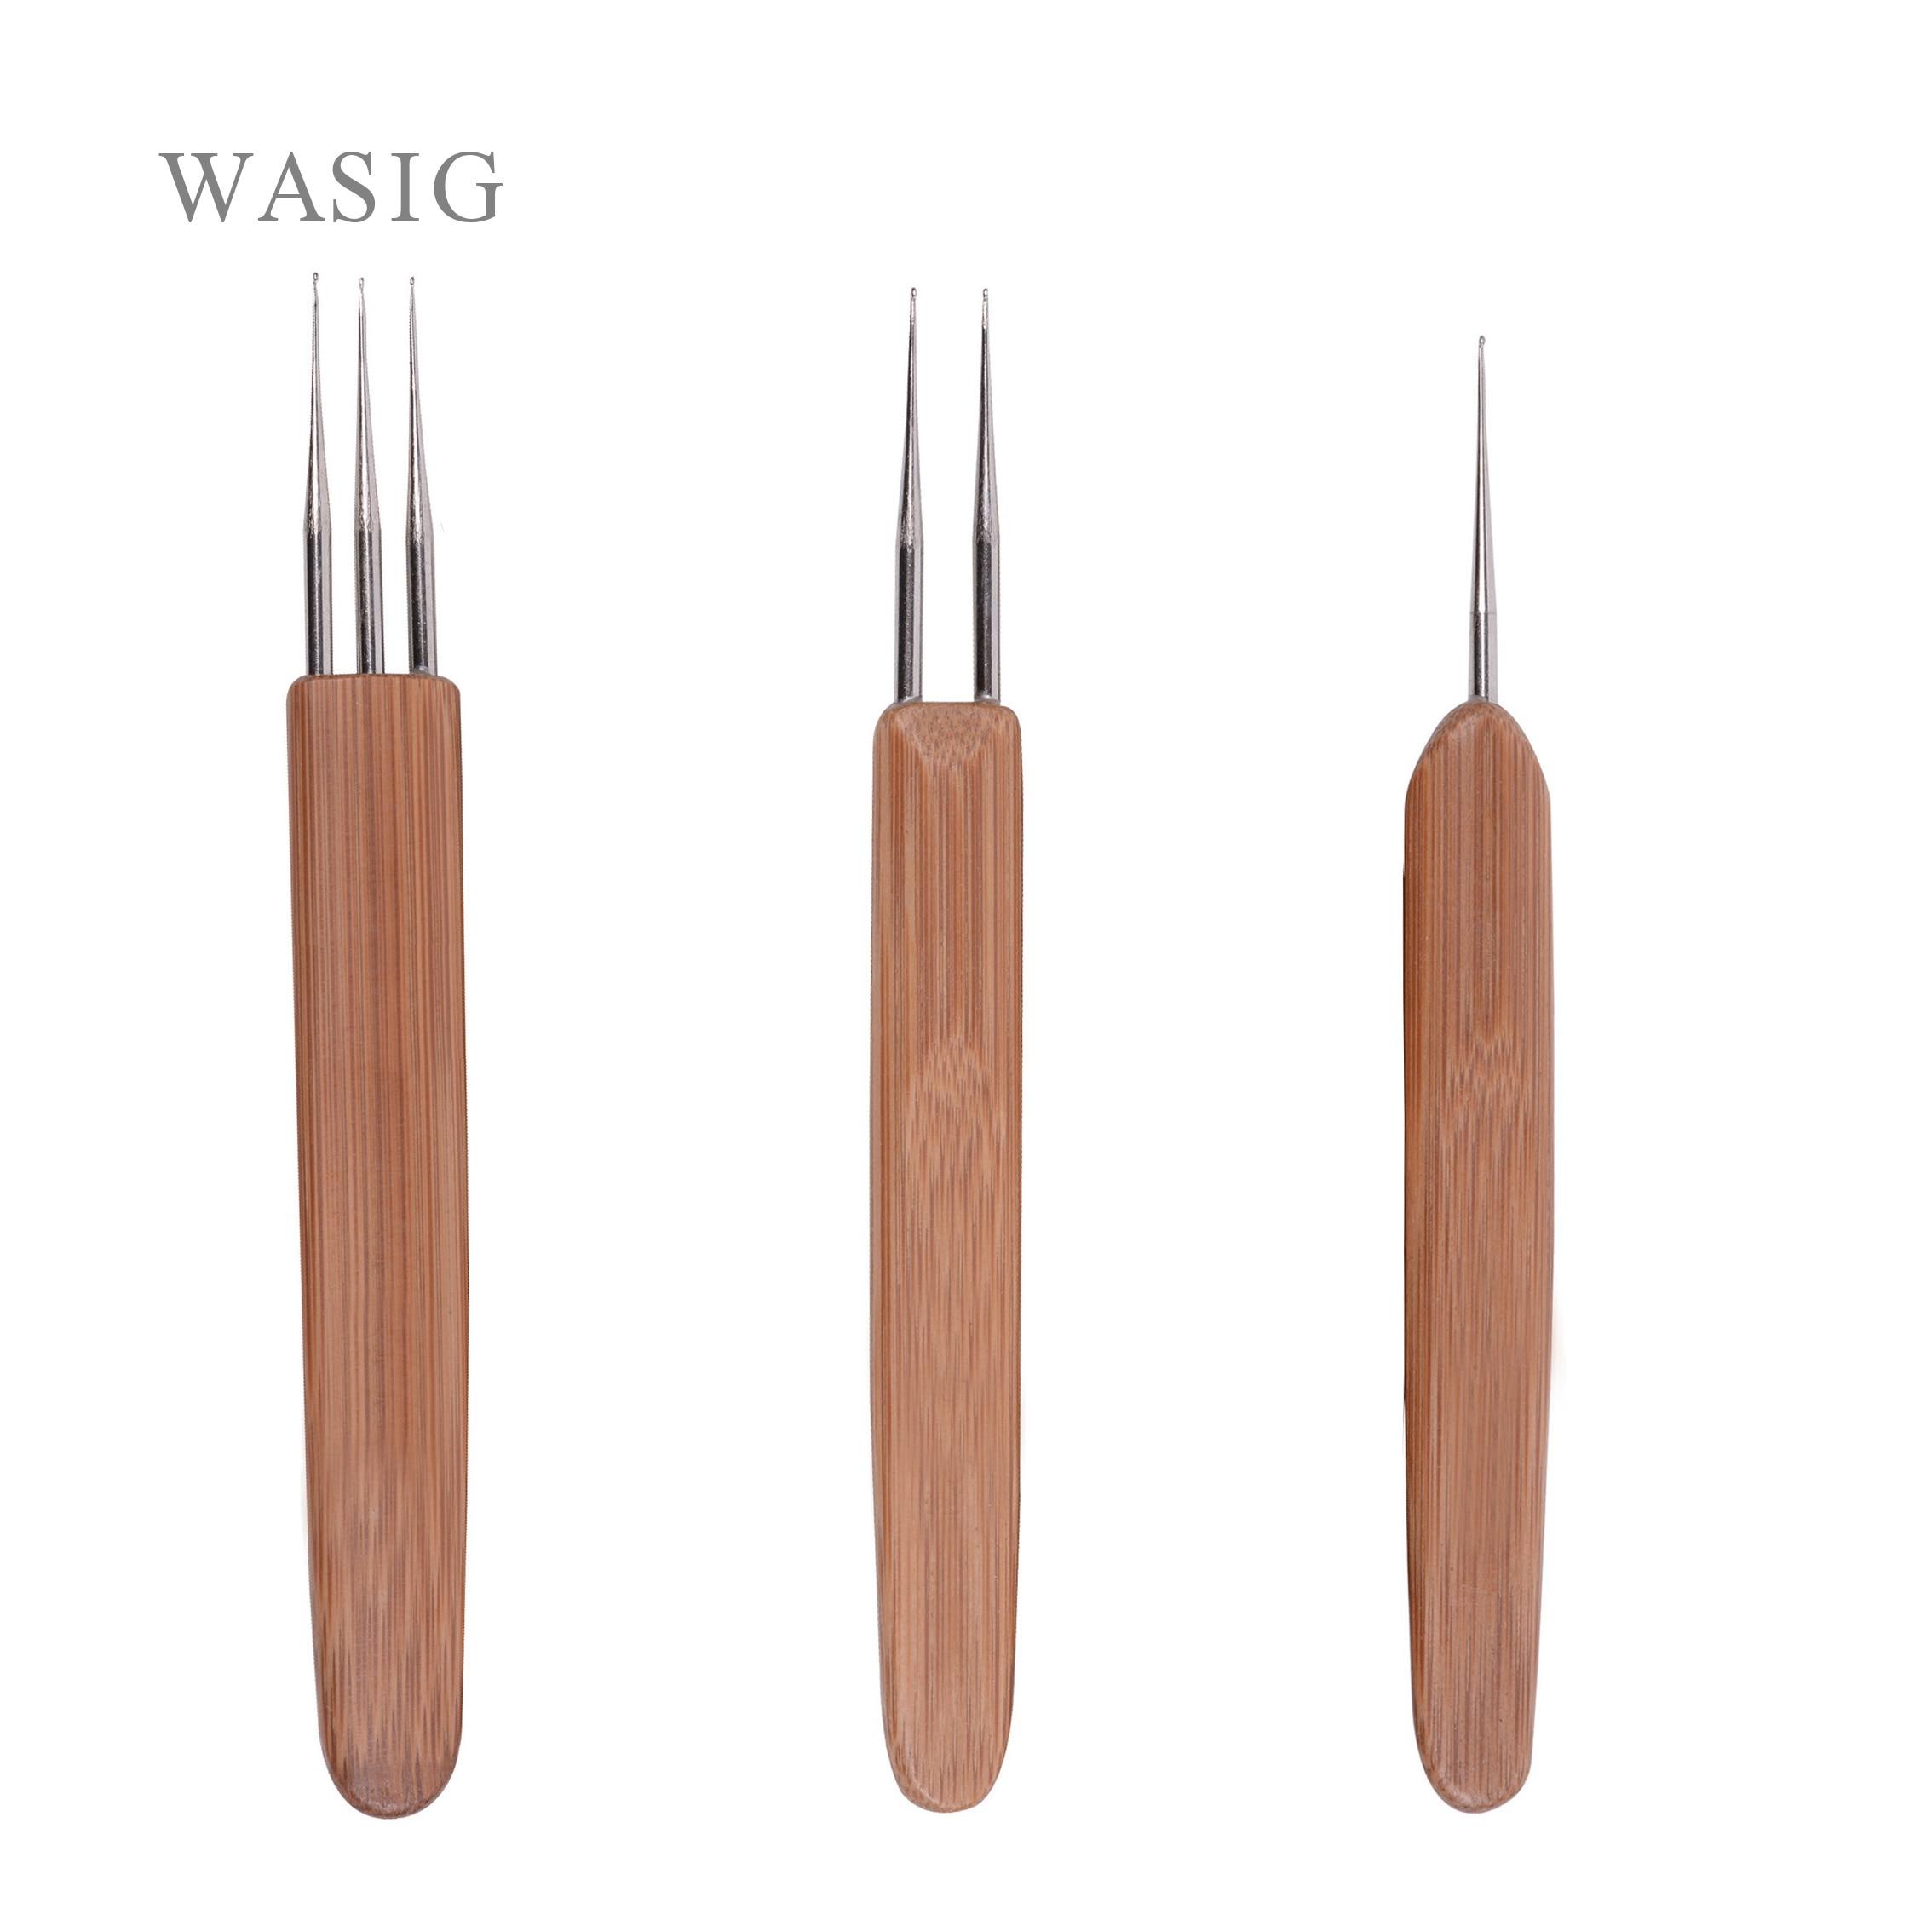 Бамбуковая вязальная игла для волос, аксессуары для дредов, инструменты для изготовления париков, дреды, 2/3 крючков